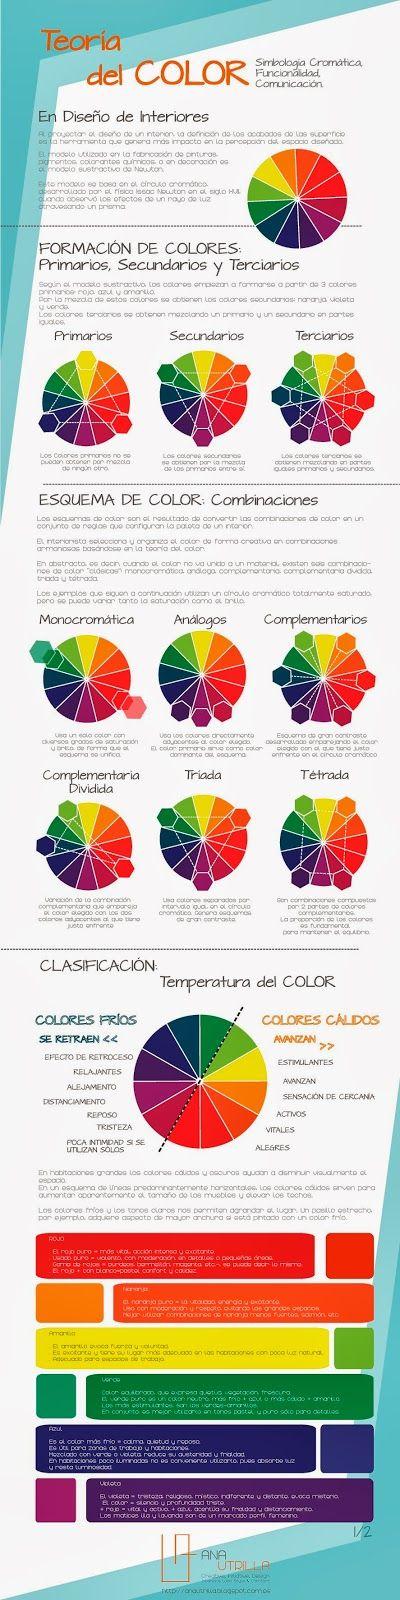 Teoría del Color en: DISEÑO DE INTERIORES #Infografía #Diseño #Colores